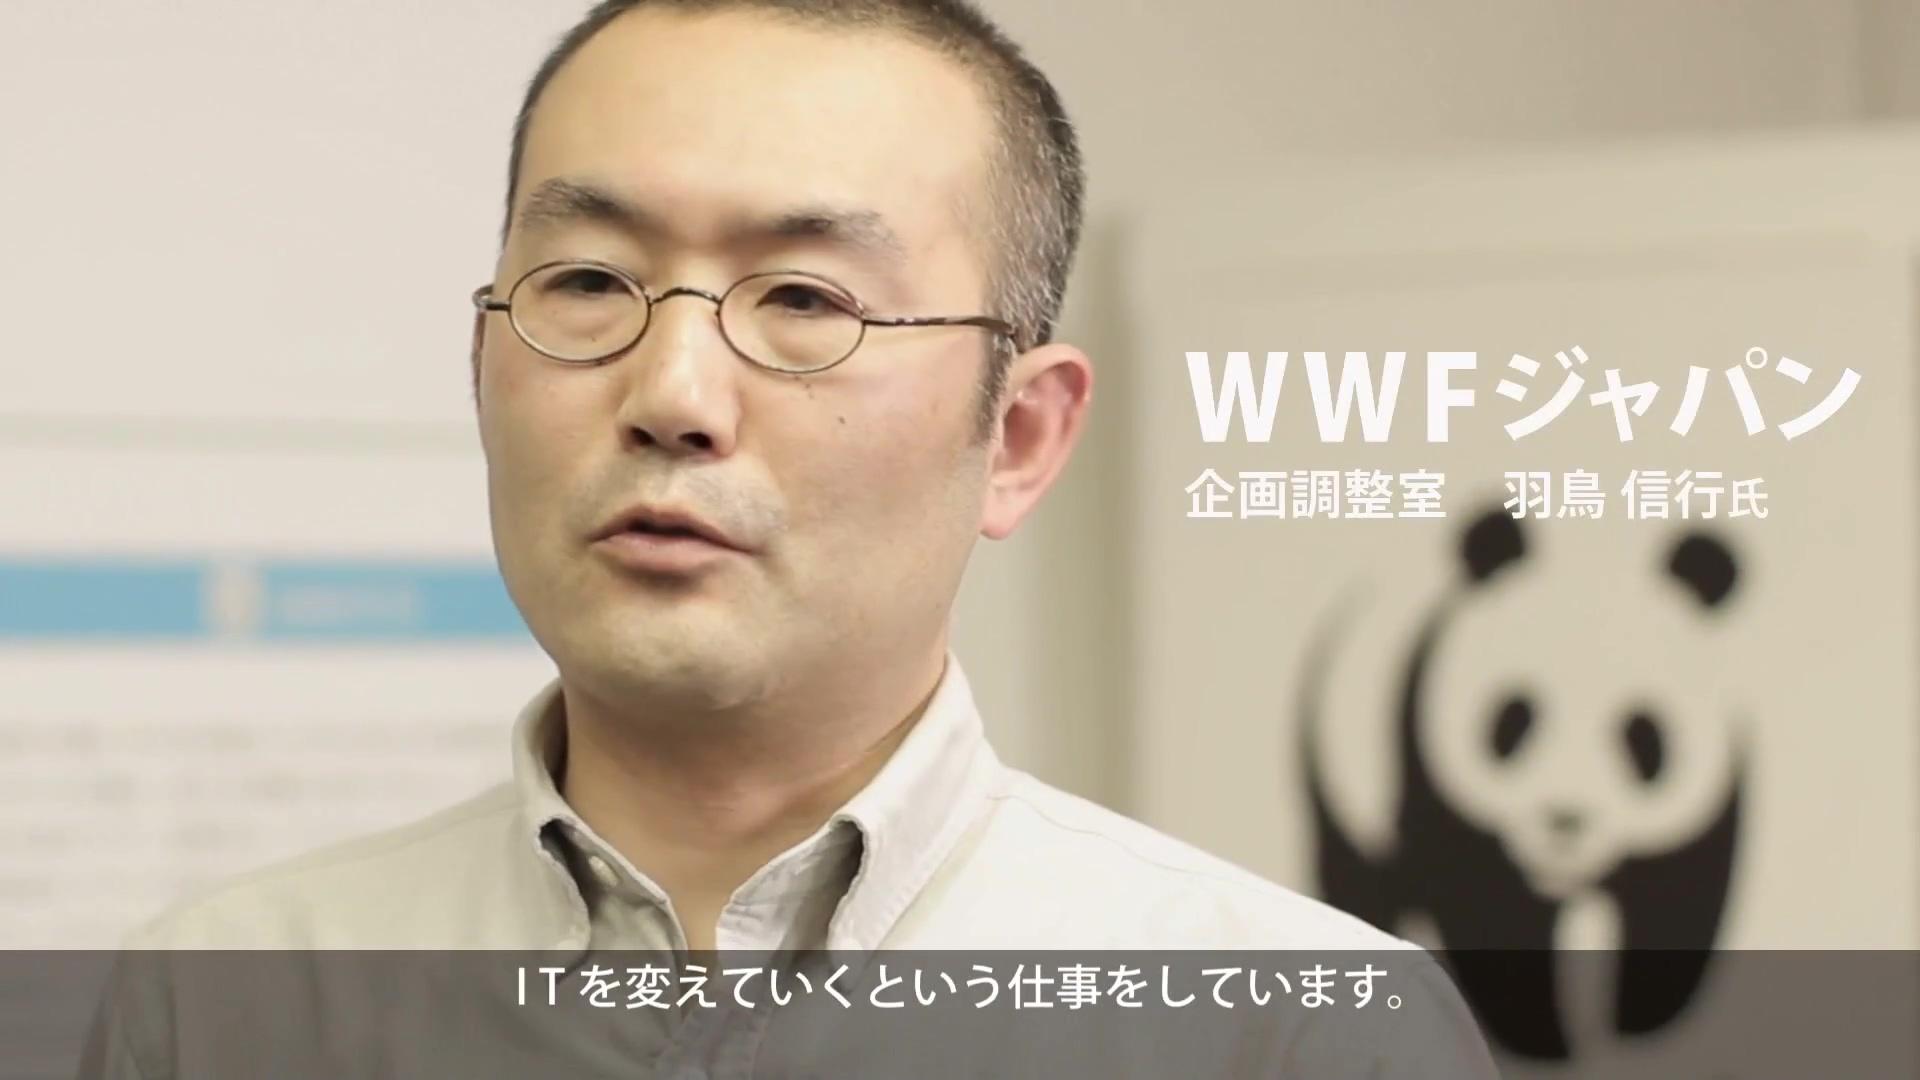 WWF(世界自然保護基金)ジャパン